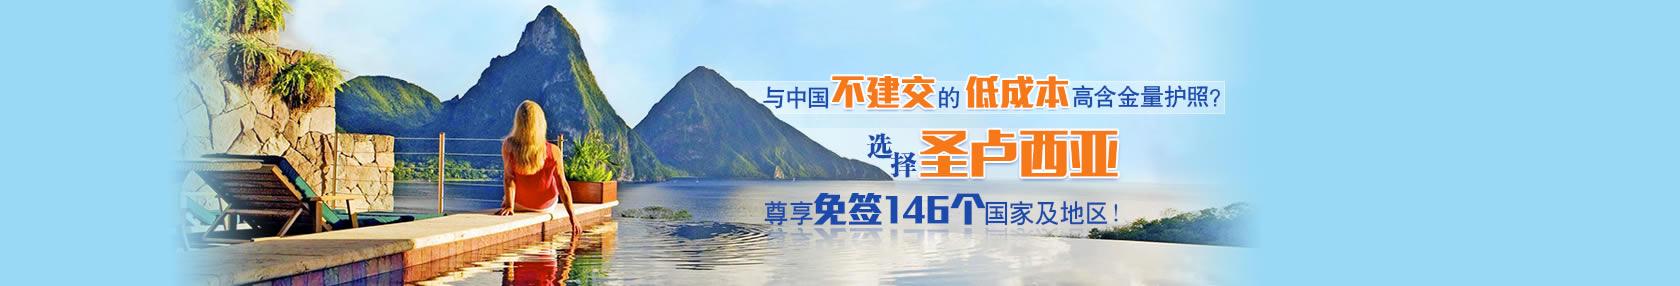 【圣卢西亚护照】低成本、高含金量、免签146个国家及地区